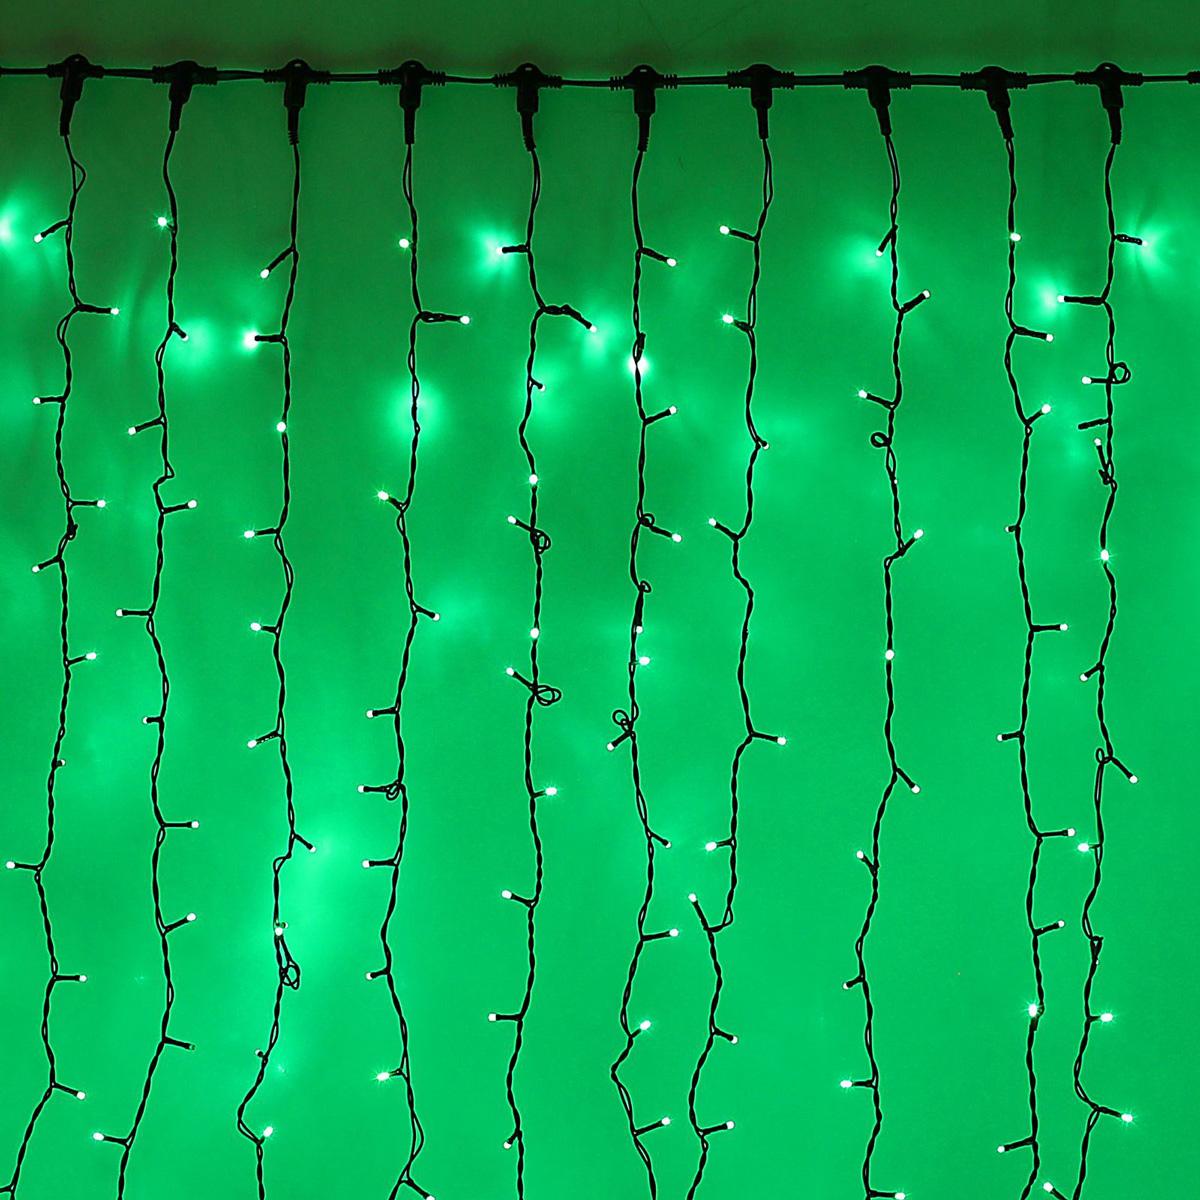 Гирлянда светодиодная Luazon Занавес, цвет: зеленый, уличная, 1440 ламп, 220 V, 2 х 6 м. 10802921080292Гирлянда светодиодная Luazon Занавес - это отличный вариант для новогоднего оформления интерьера или фасада. С ее помощью помещение любого размера можно превратить в праздничный зал, а внешние элементы зданий, украшенные гирляндой, мгновенно станут напоминать очертания сказочного дворца. Такое украшение создаст ауру предвкушения чуда. Деревья, фасады, витрины, окна и арки будто специально созданы, чтобы вы украсили их светящимися нитями.